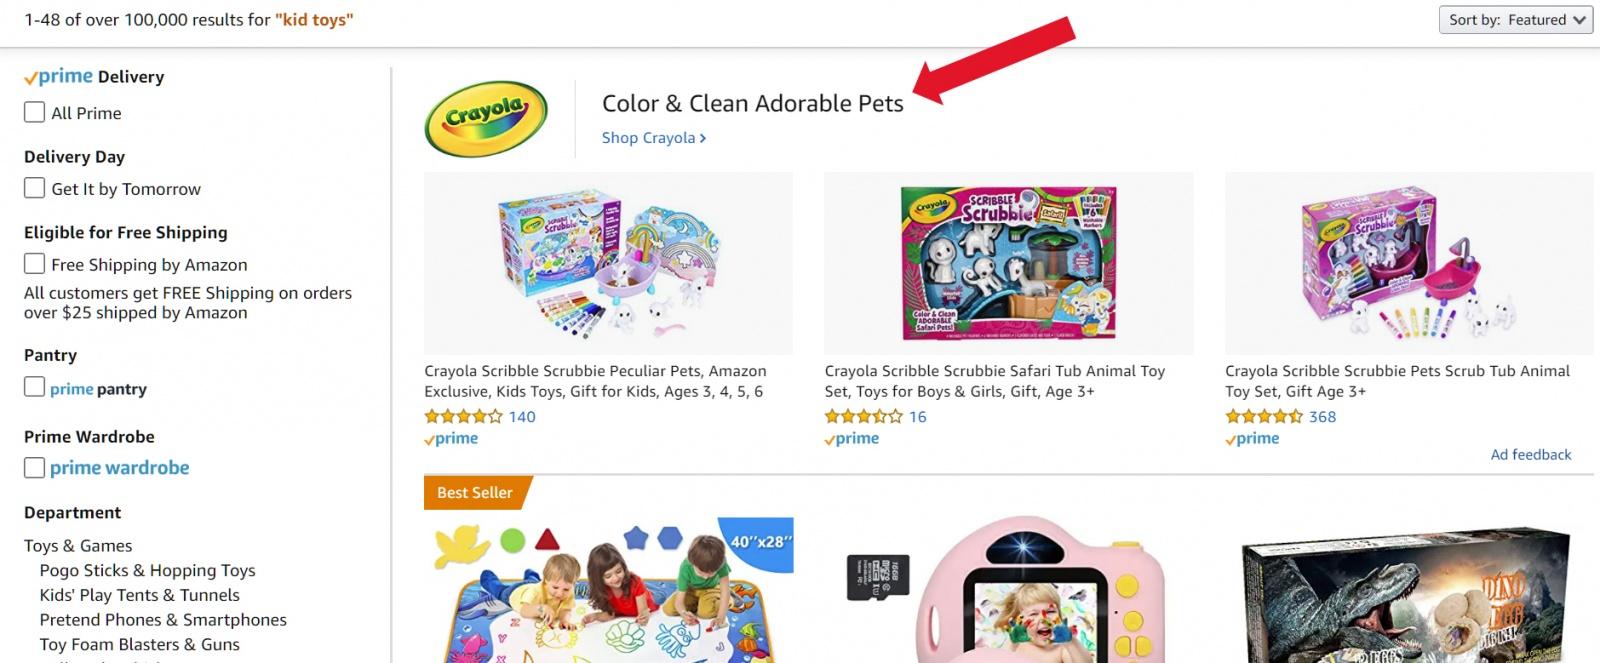 Почему рейтингам Amazon (и прочих) нельзя доверять - 6